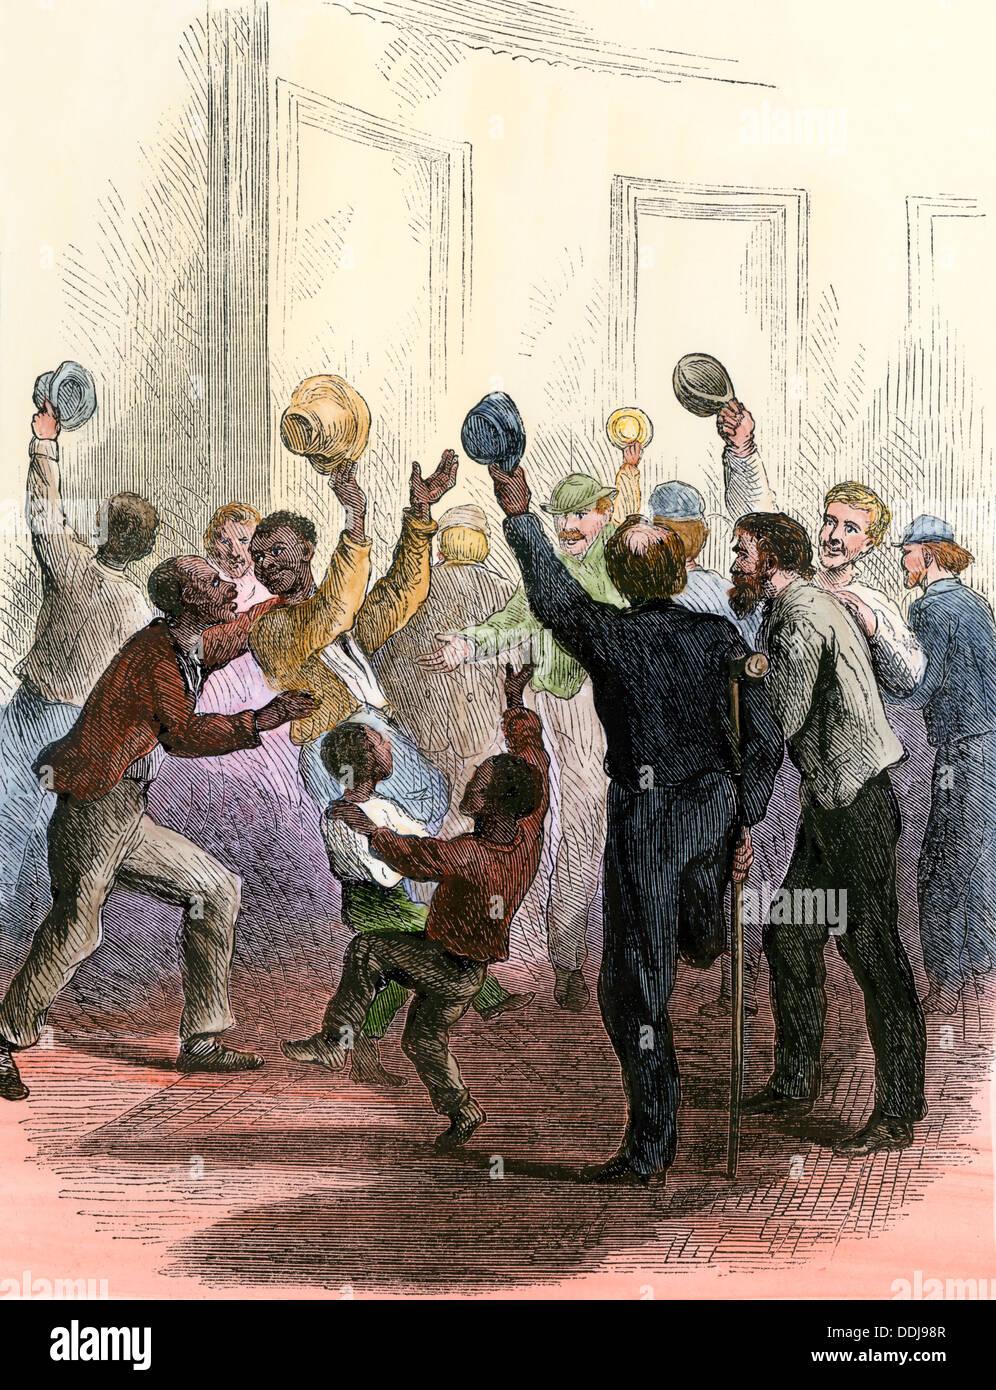 Encourager les citoyens à l'intérieur de la capitale comme le Congrès américain adopte le 14ème amendement, 1866 (ratifiée en 1868). À la main, gravure sur bois Photo Stock